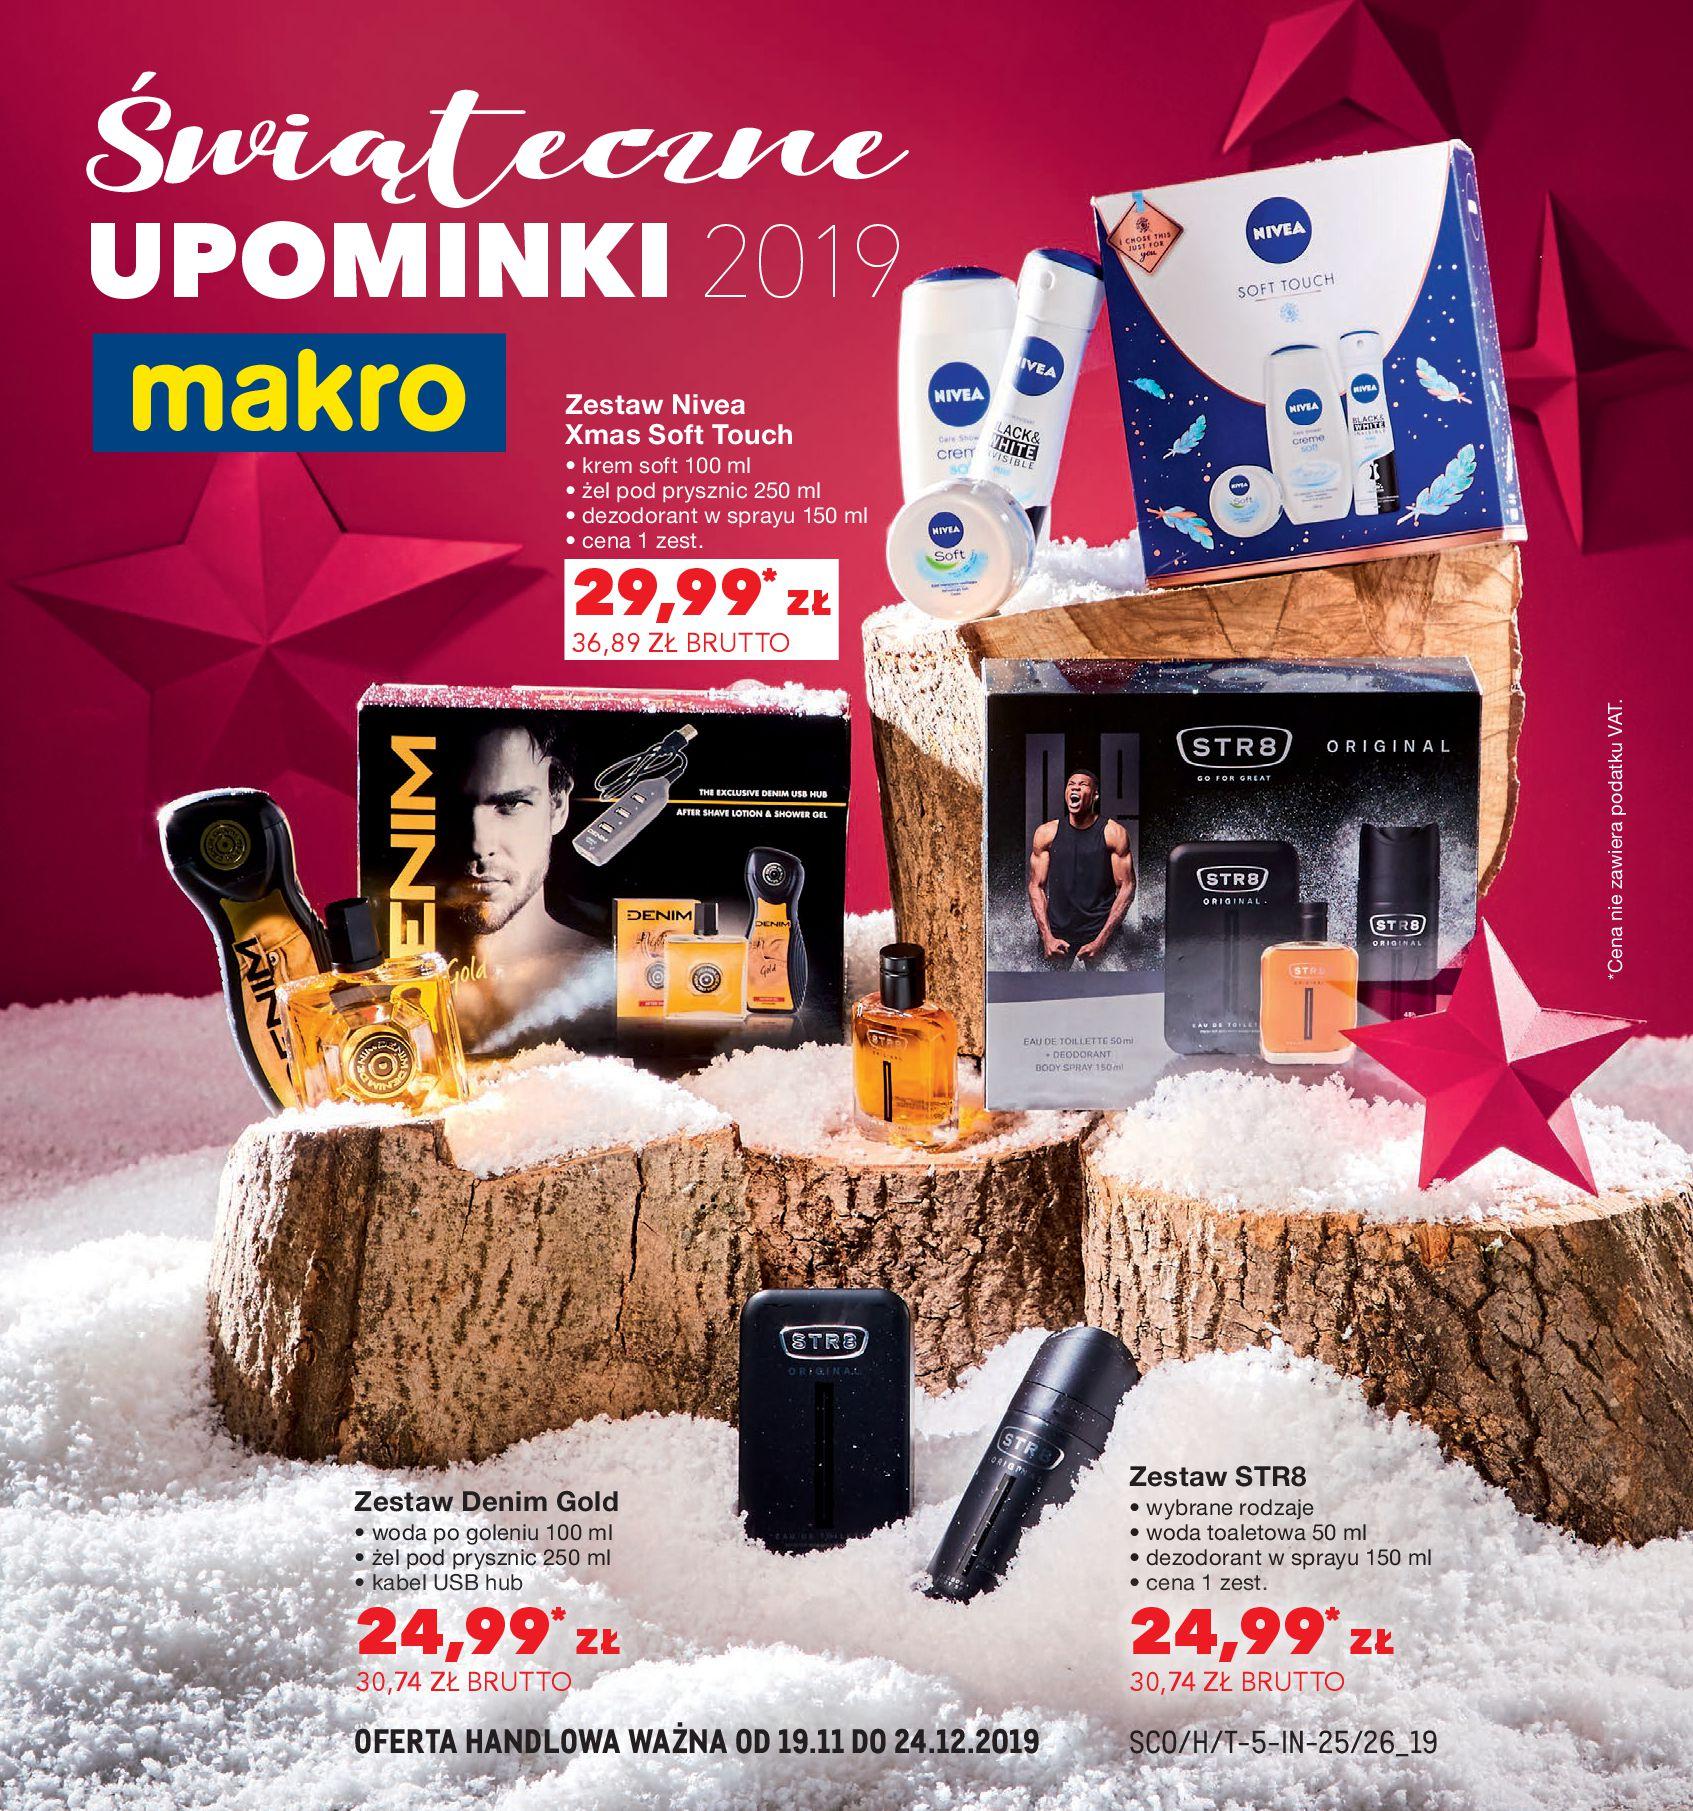 Gazetka Makro - Świąteczne UPOMINKI 2019-18.11.2019-24.12.2019-page-1